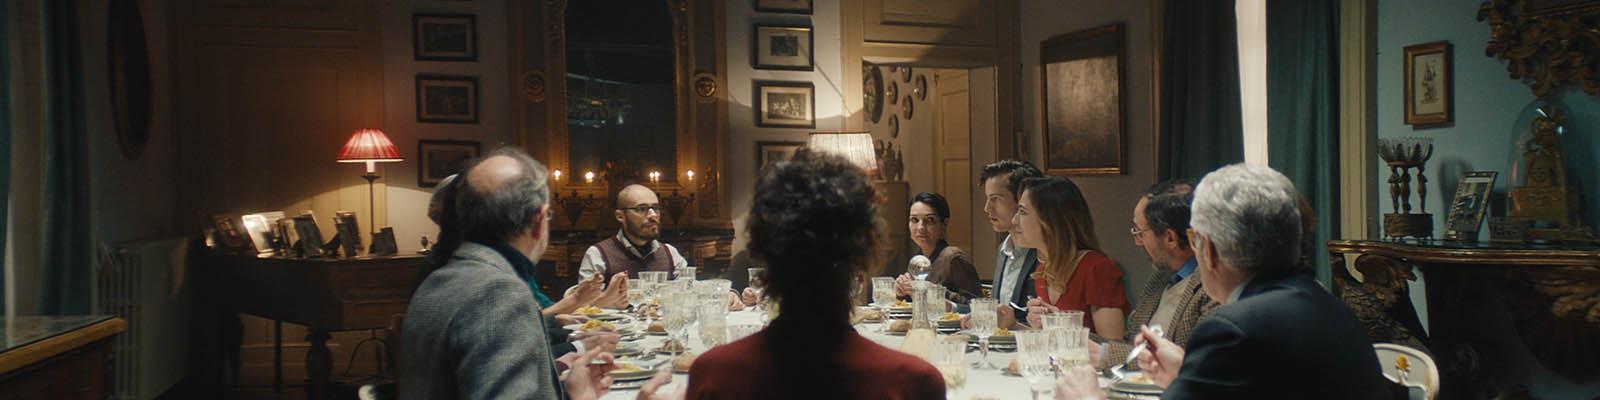 """Garofalo chegou à tv com """"A boa massa não mente"""""""